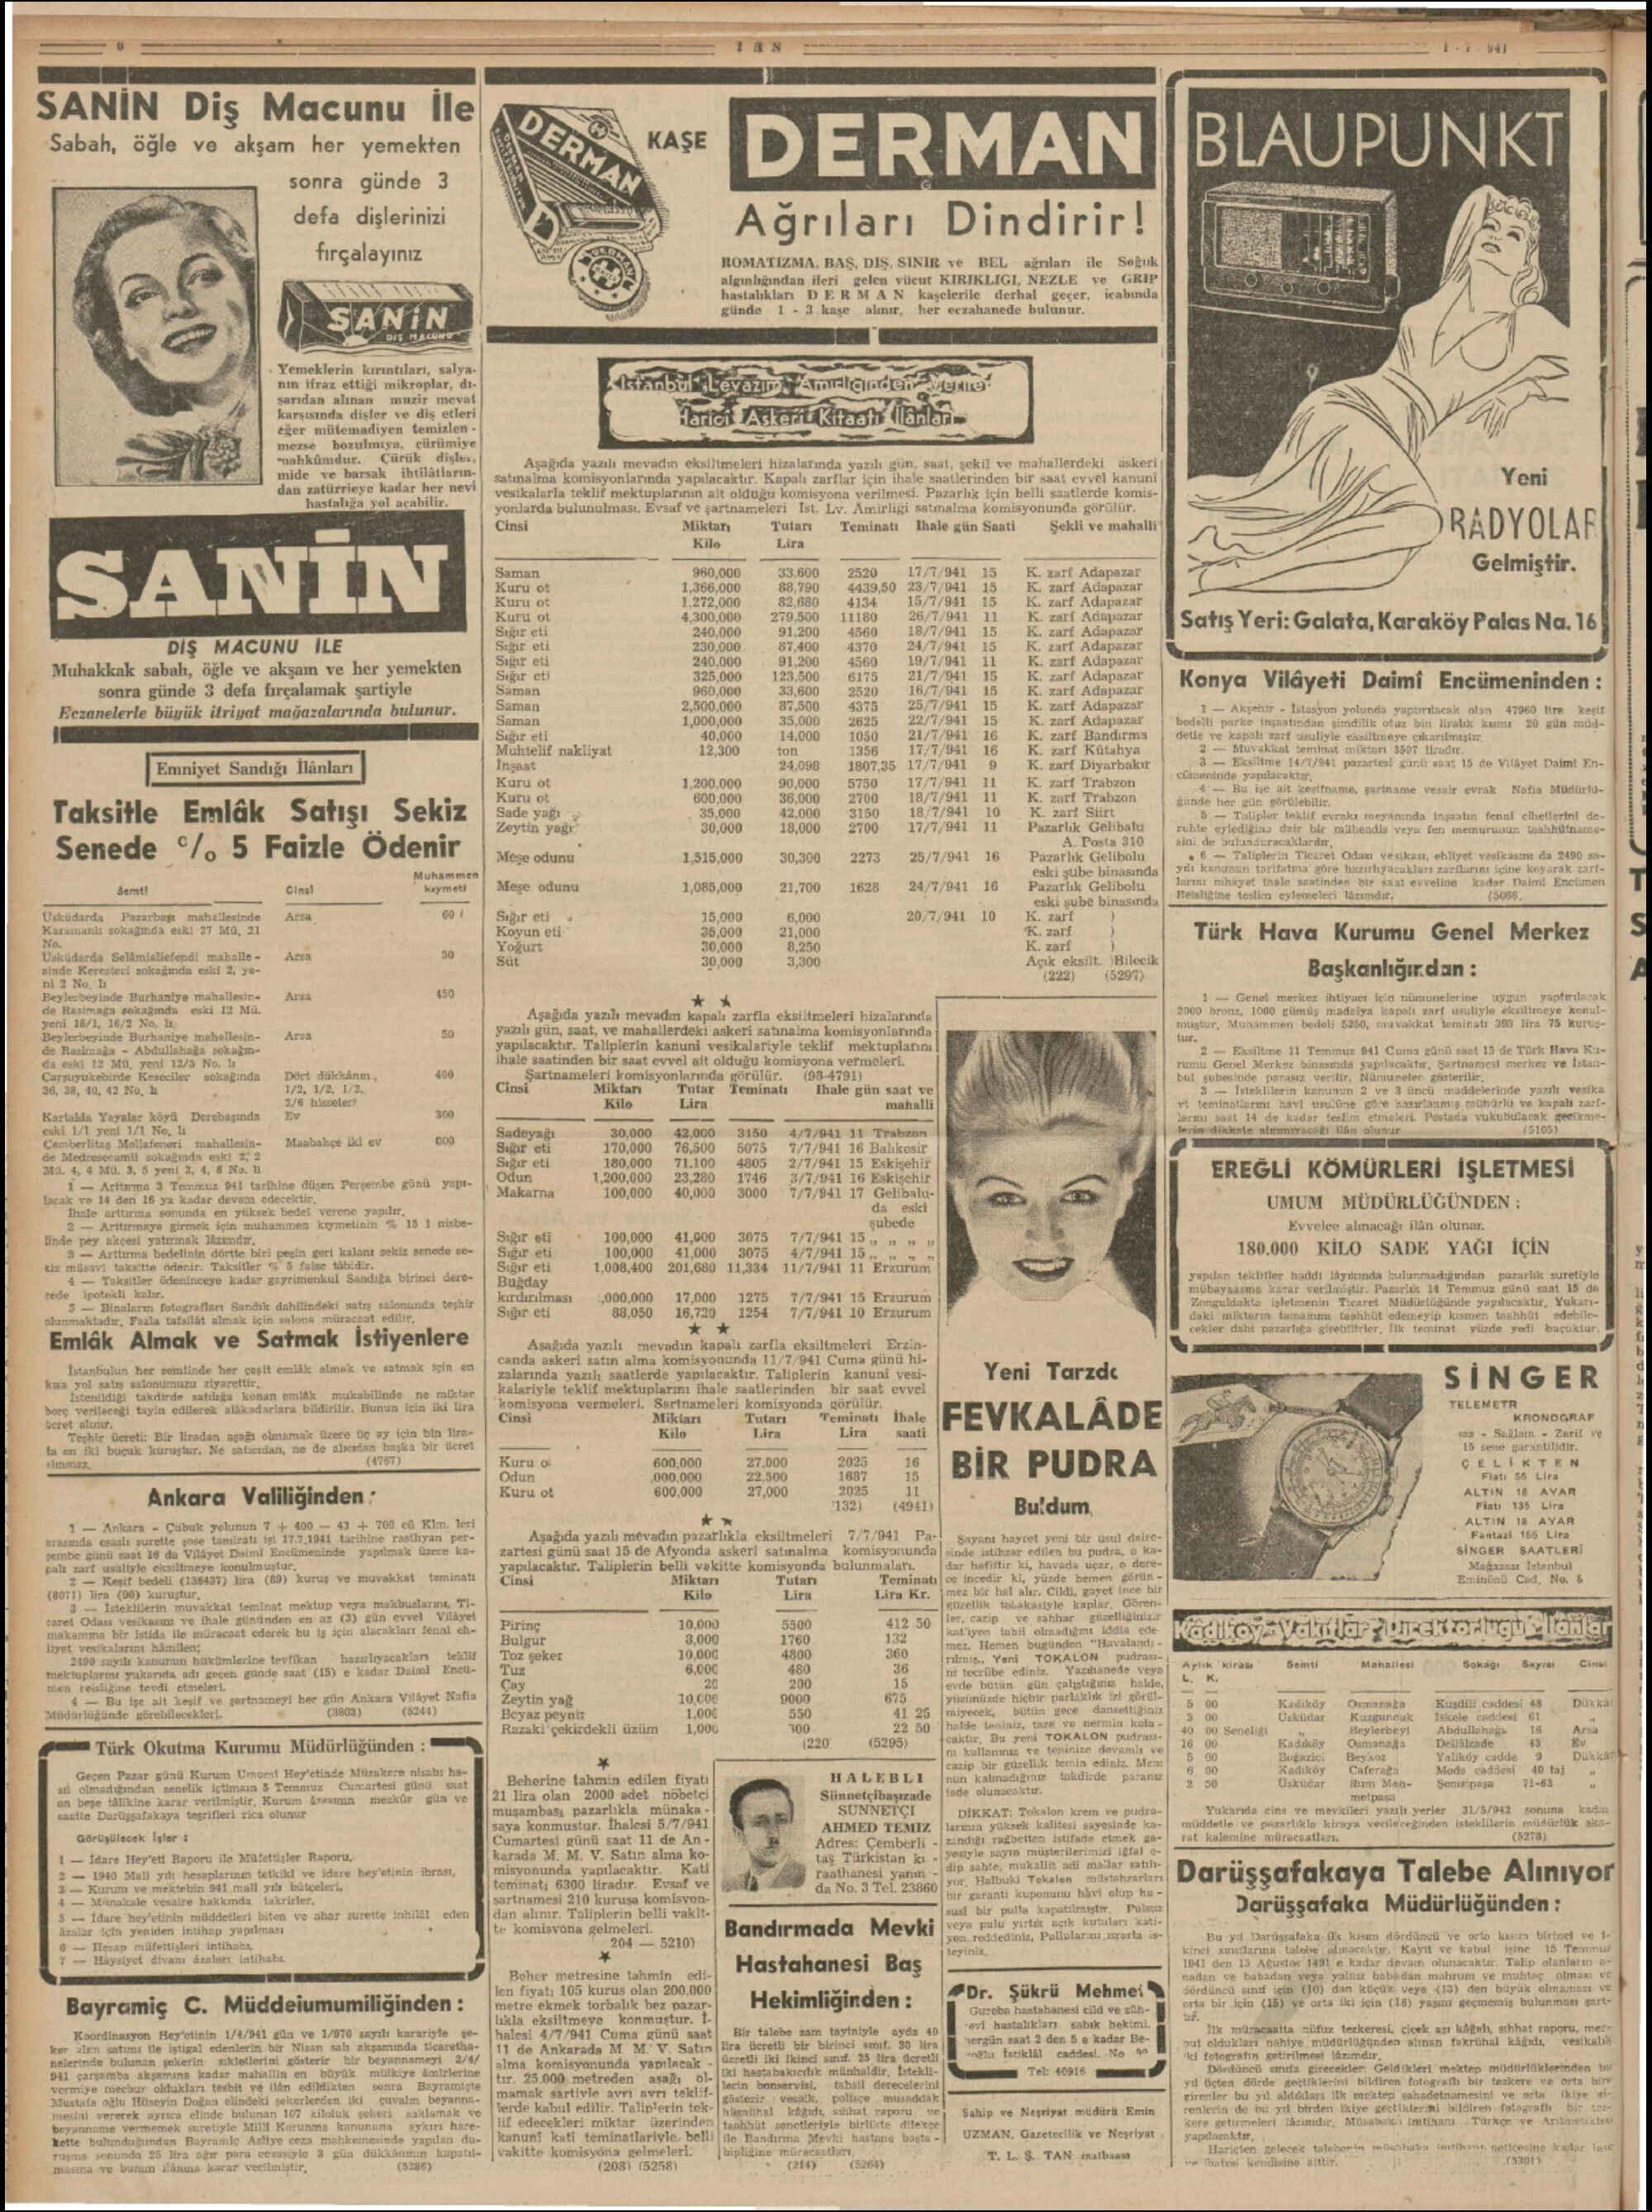 1 Temmuz 1941 Tarihli Tan Gazetesi Sayfa 6